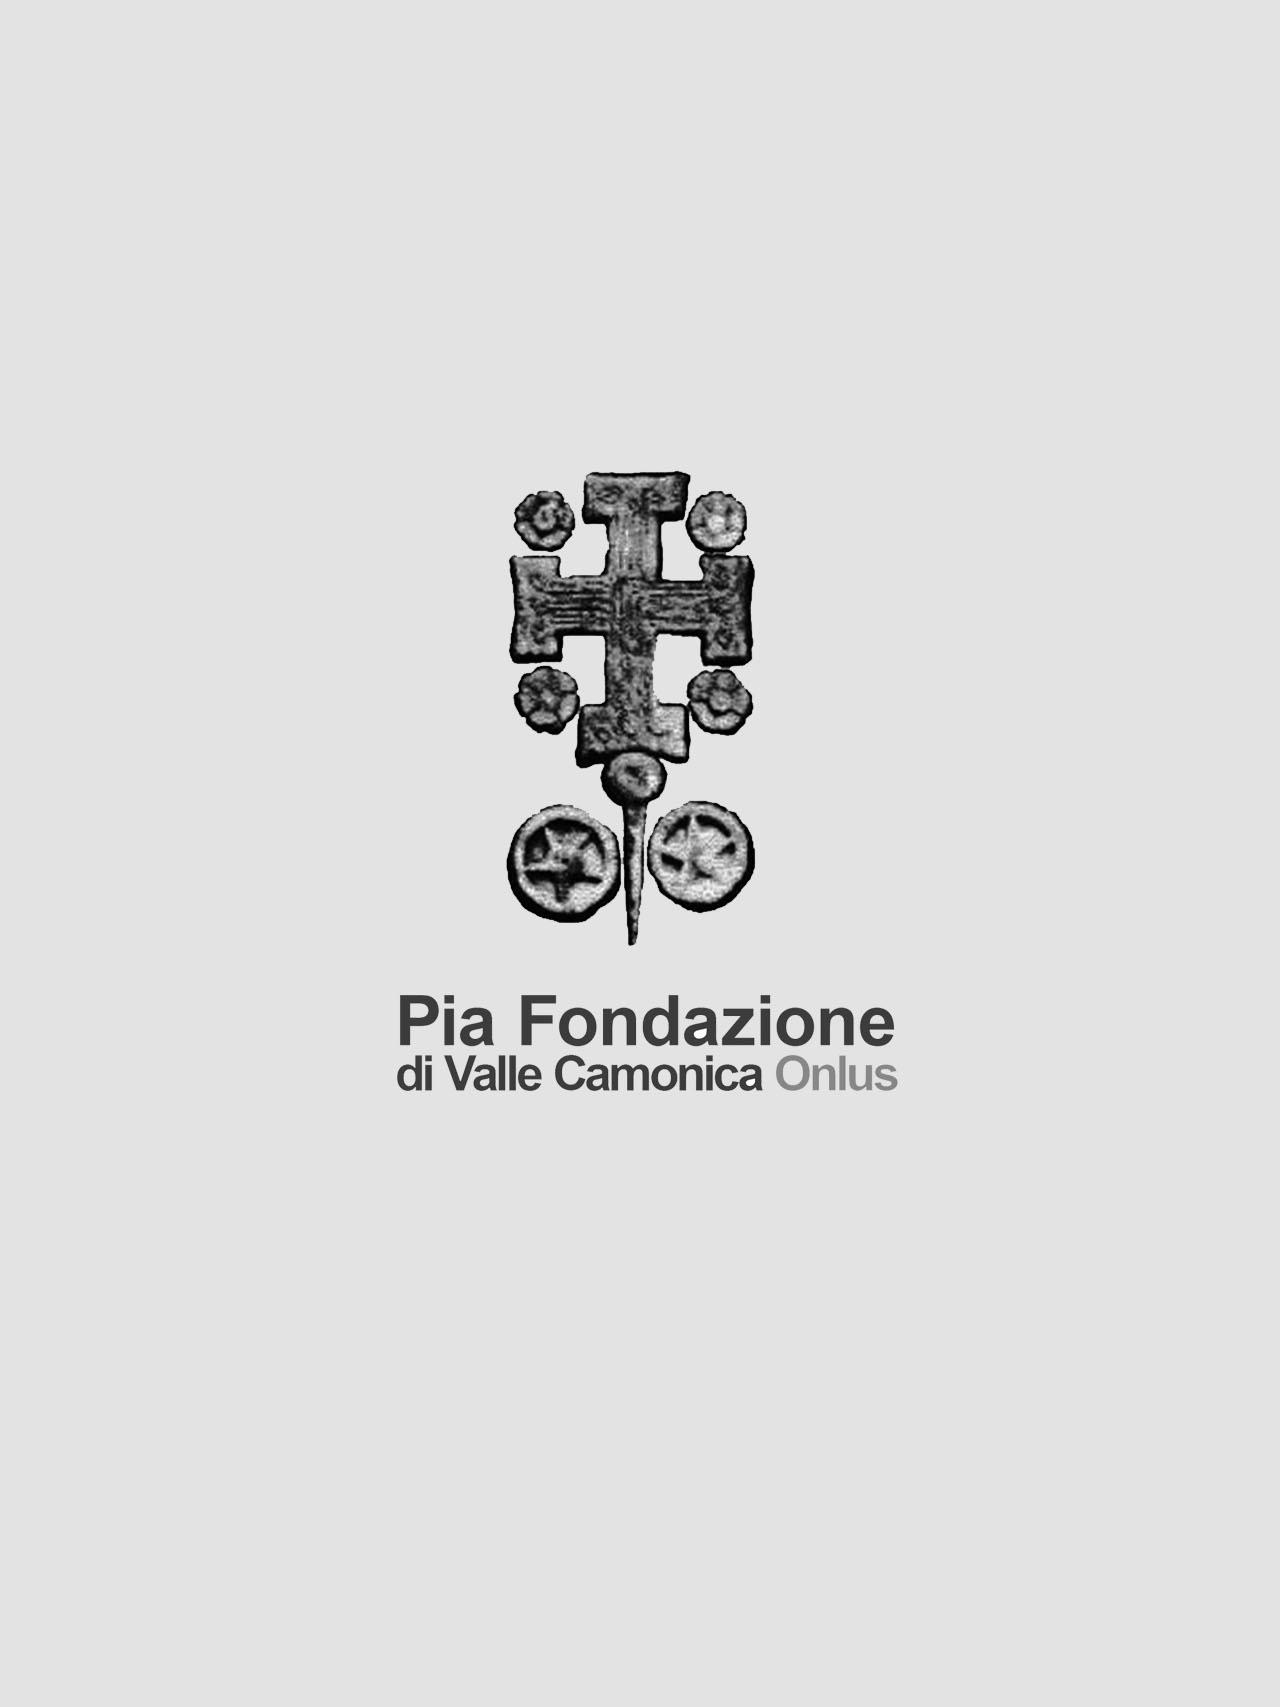 siti-internet-seo-newsletter-social-network-pia-fondazione-di-valle-camonica-onlus-contessifostinelli-